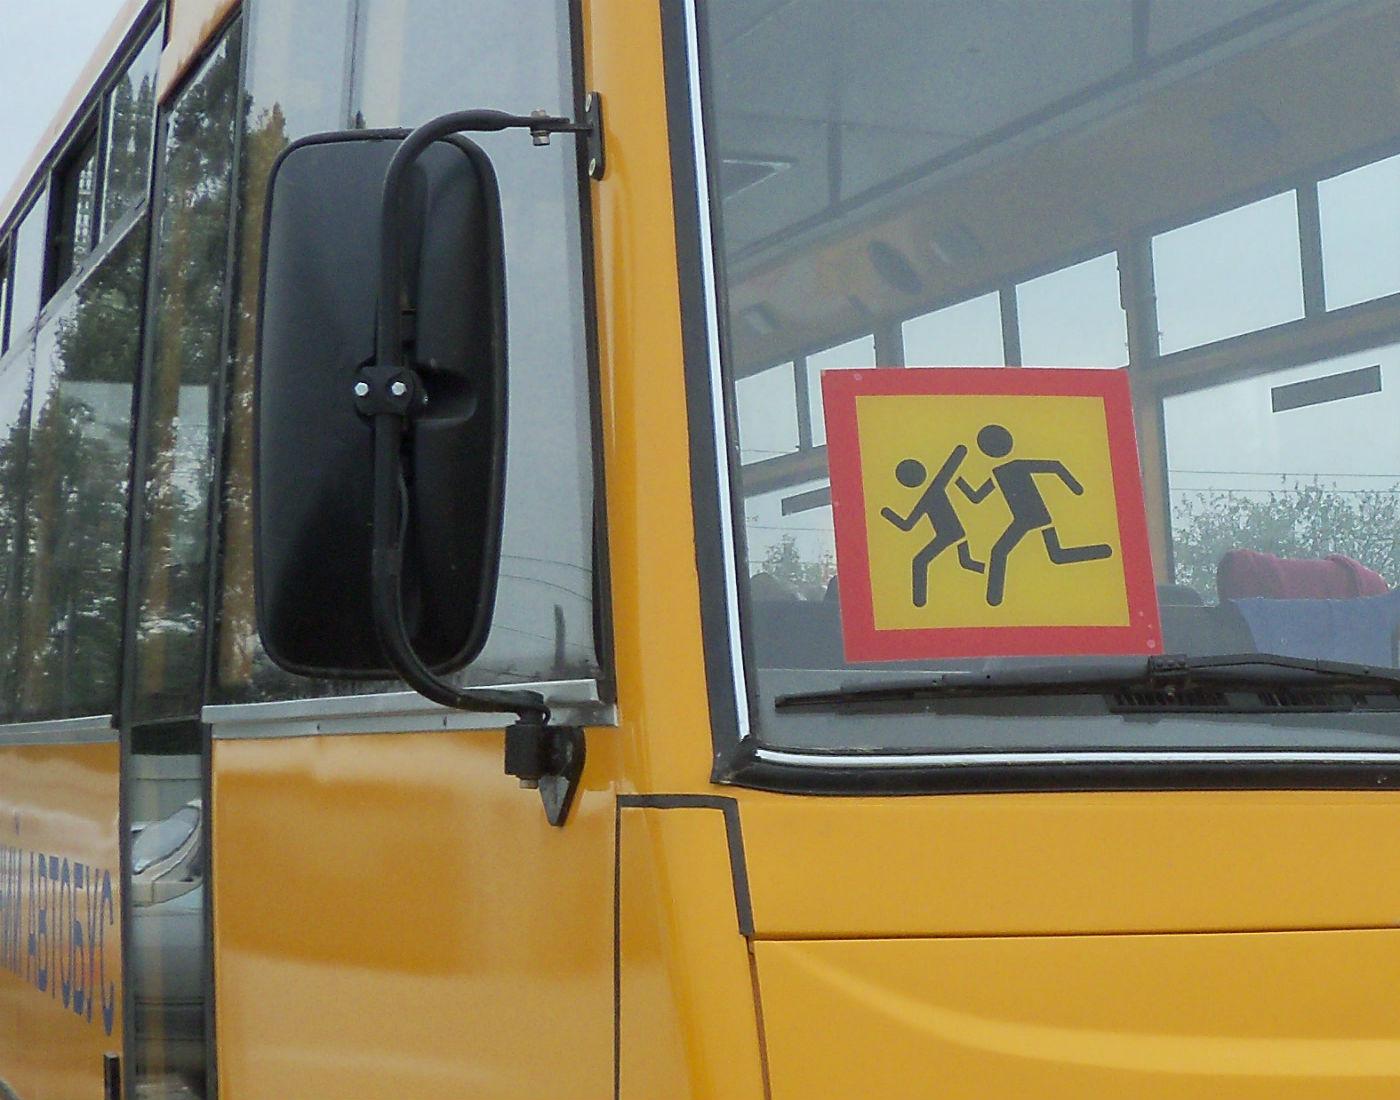 Директор тольяттинской школы получил штраф за неправильную перевозку детей